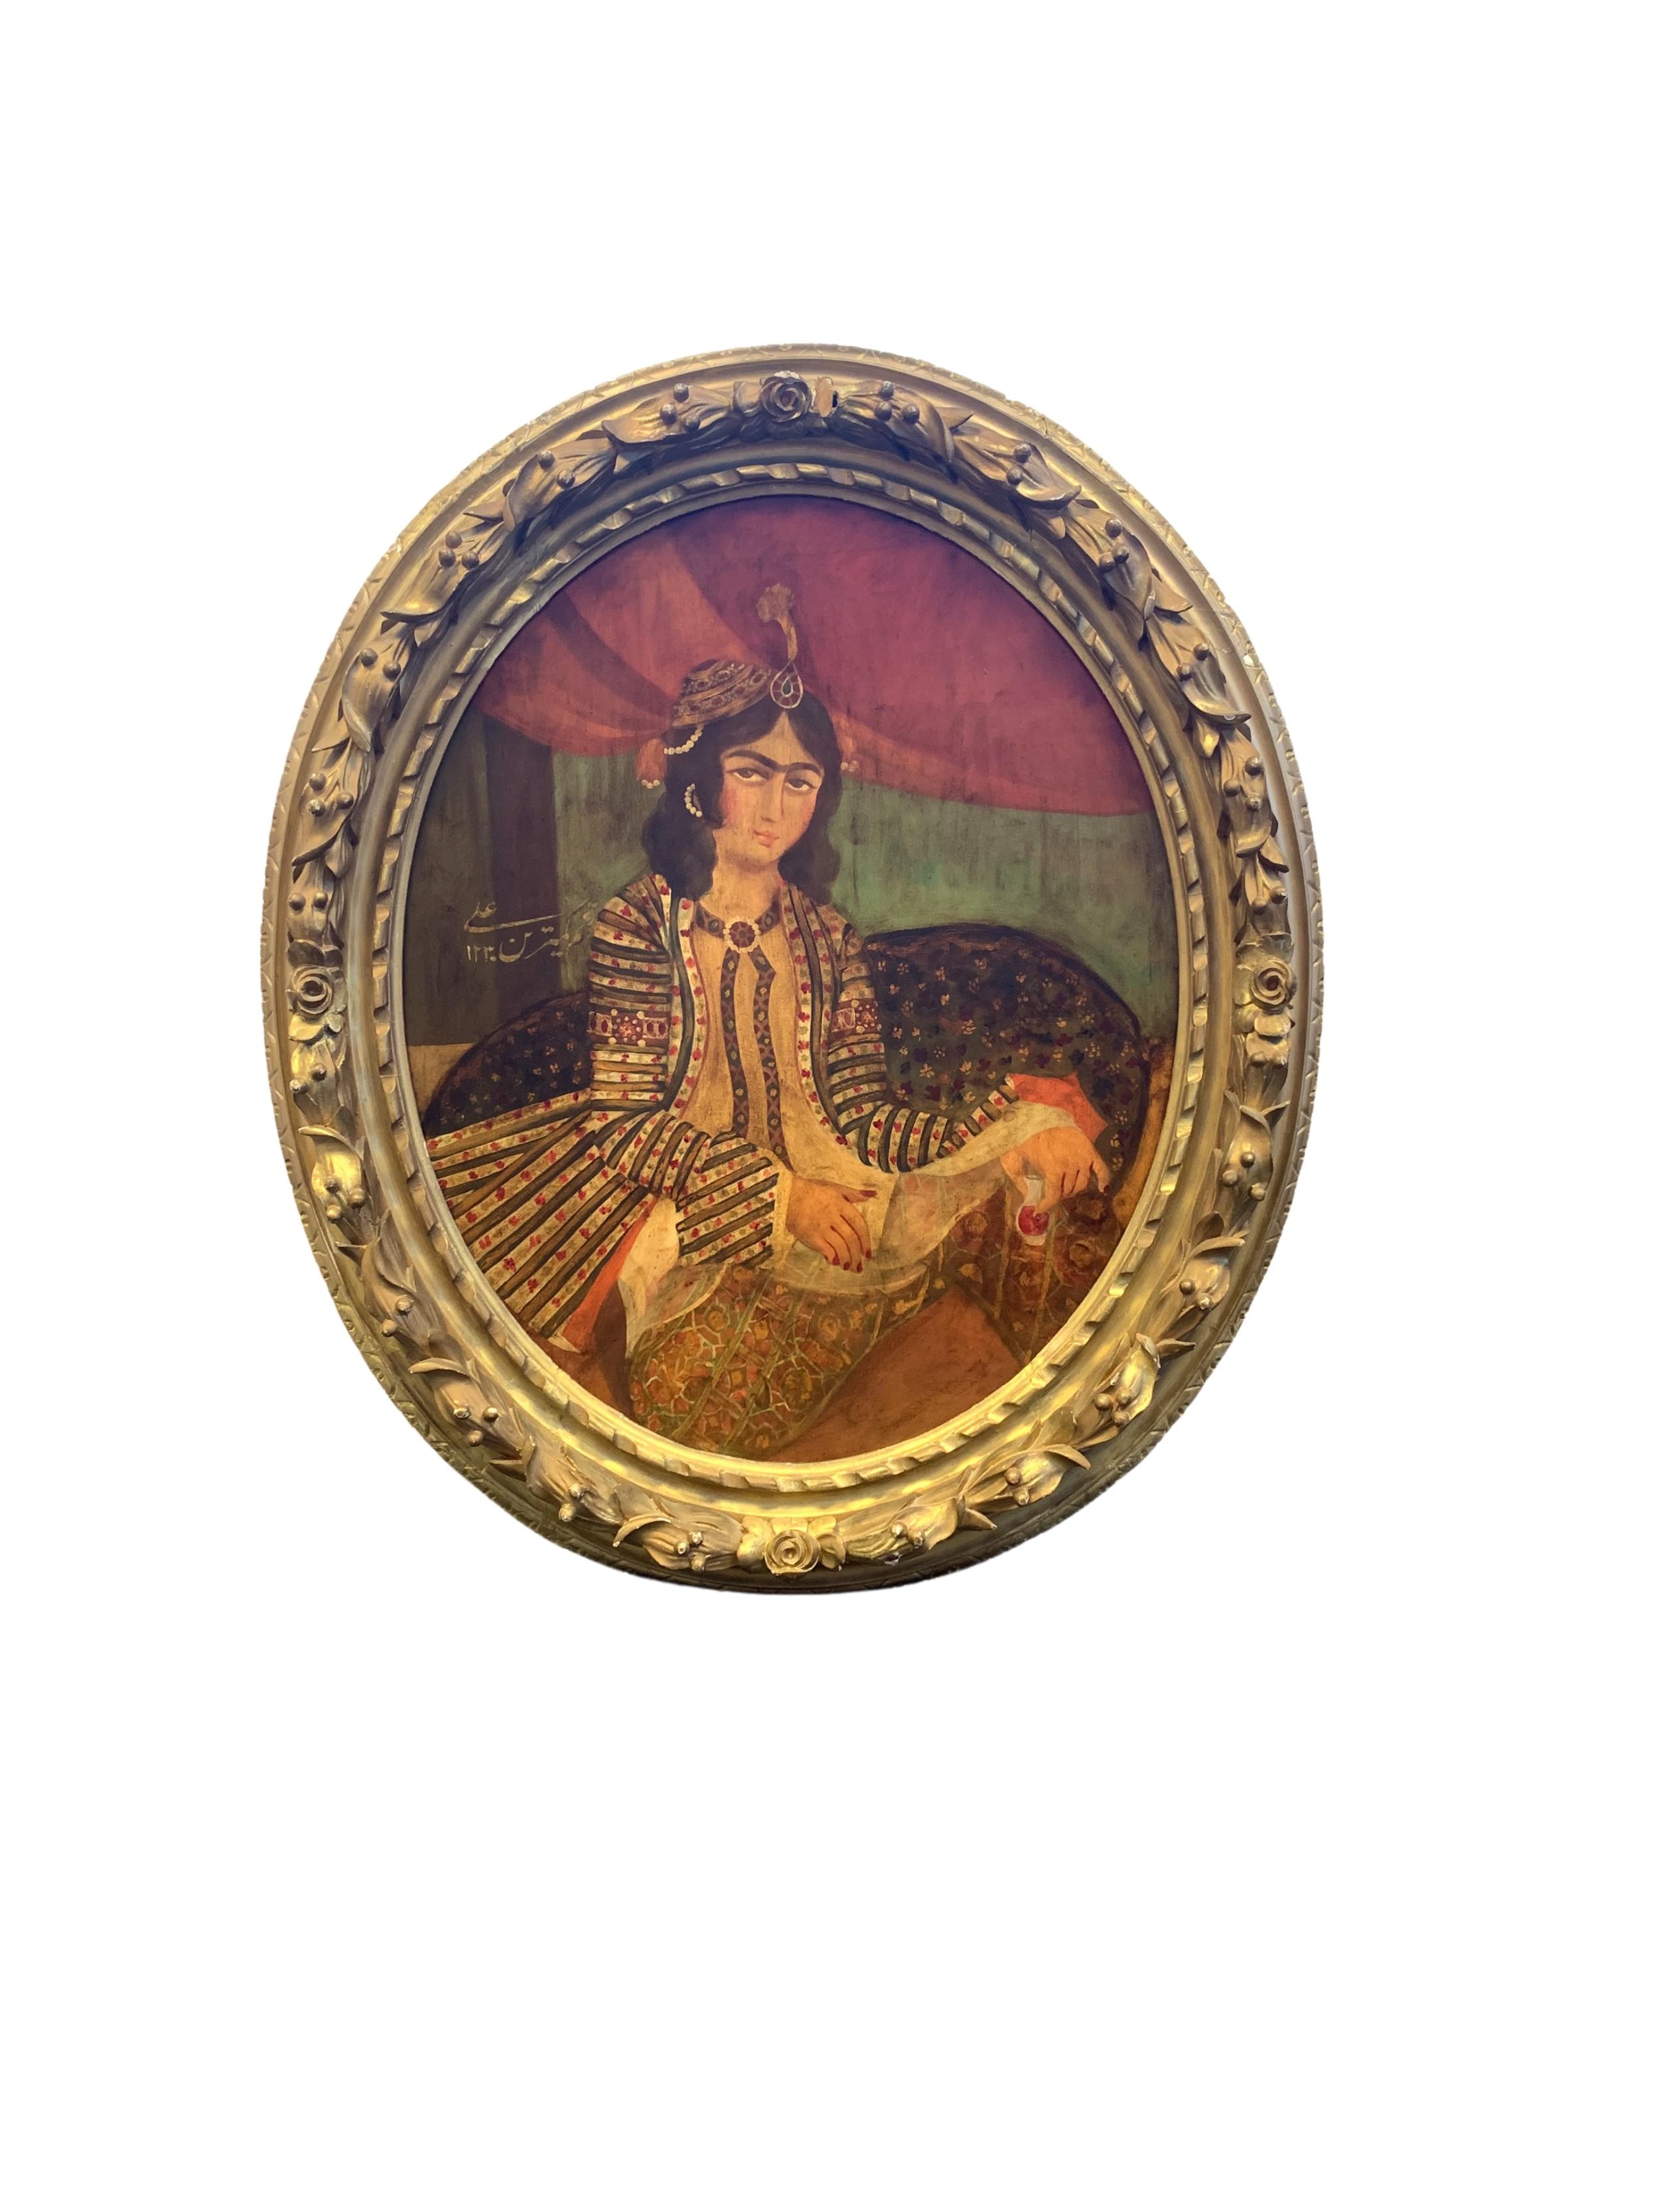 a fine portrait of a lady qajar iran 19th century